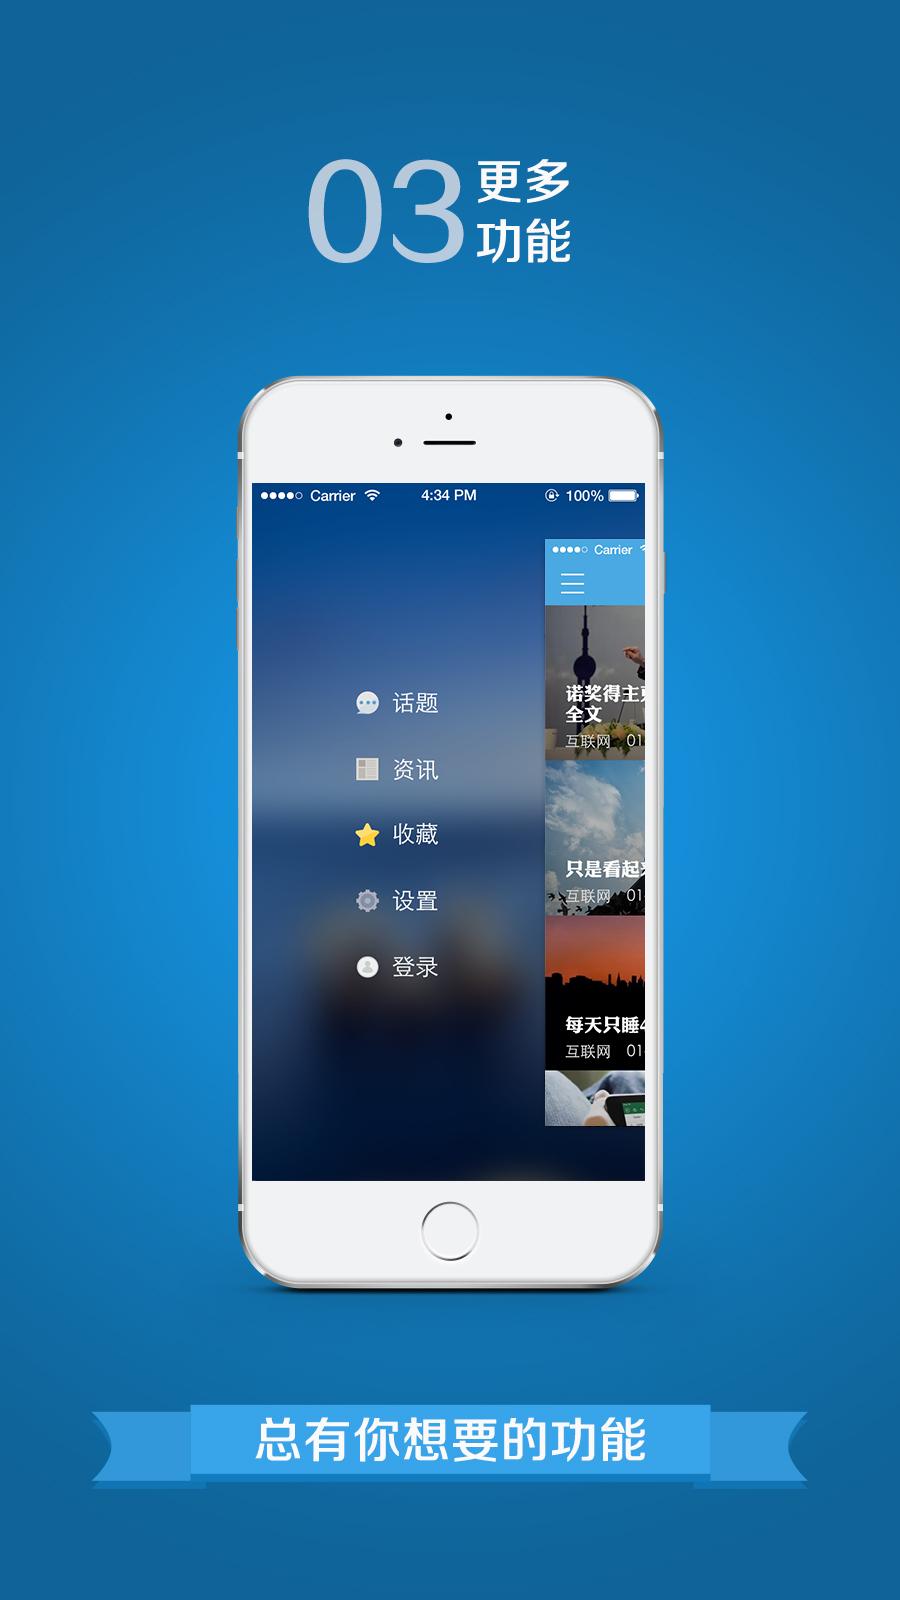 职业笔记App创意设计图2